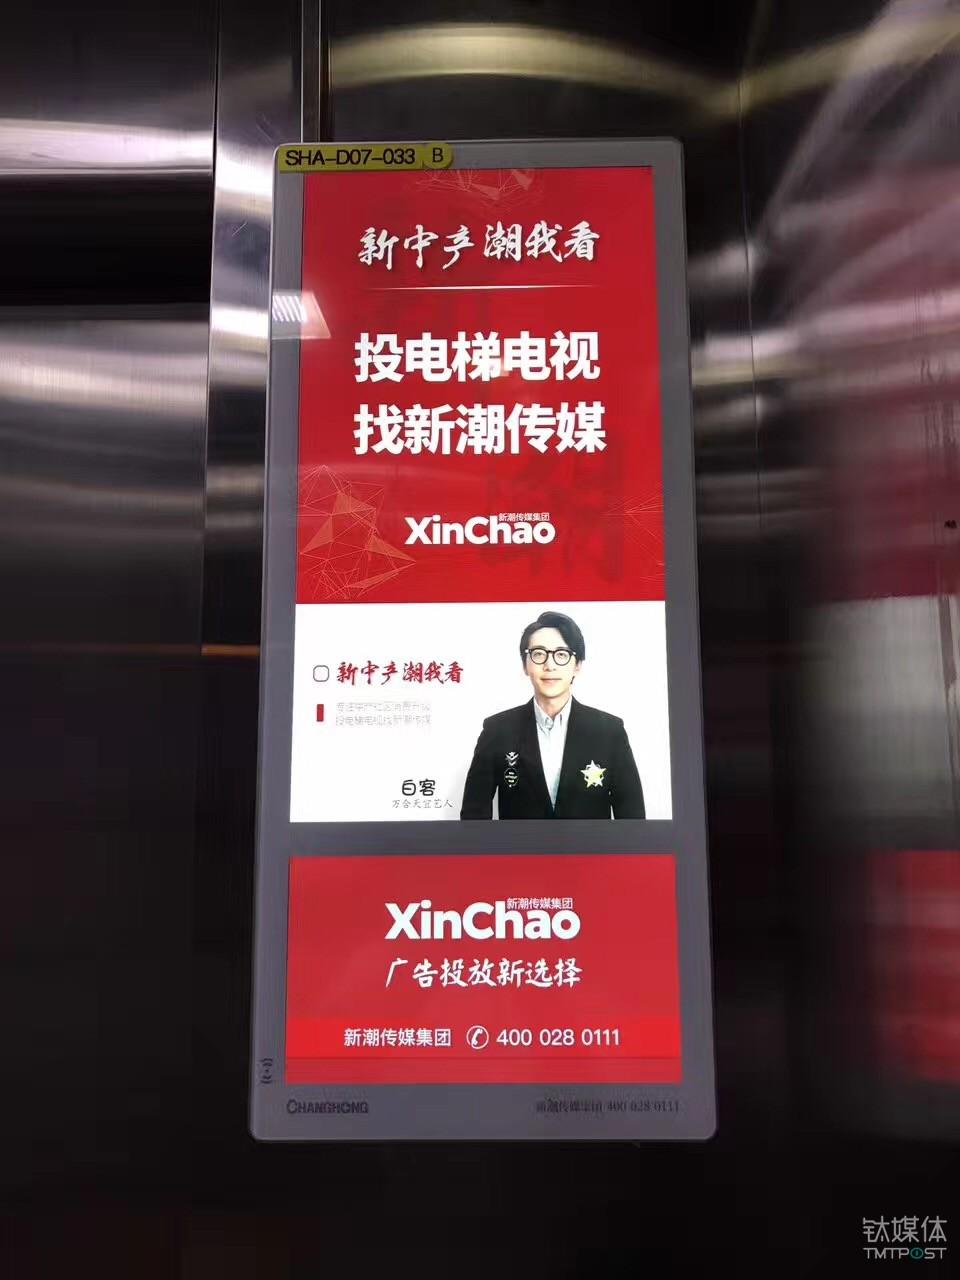 △新潮传媒电梯内电视广告